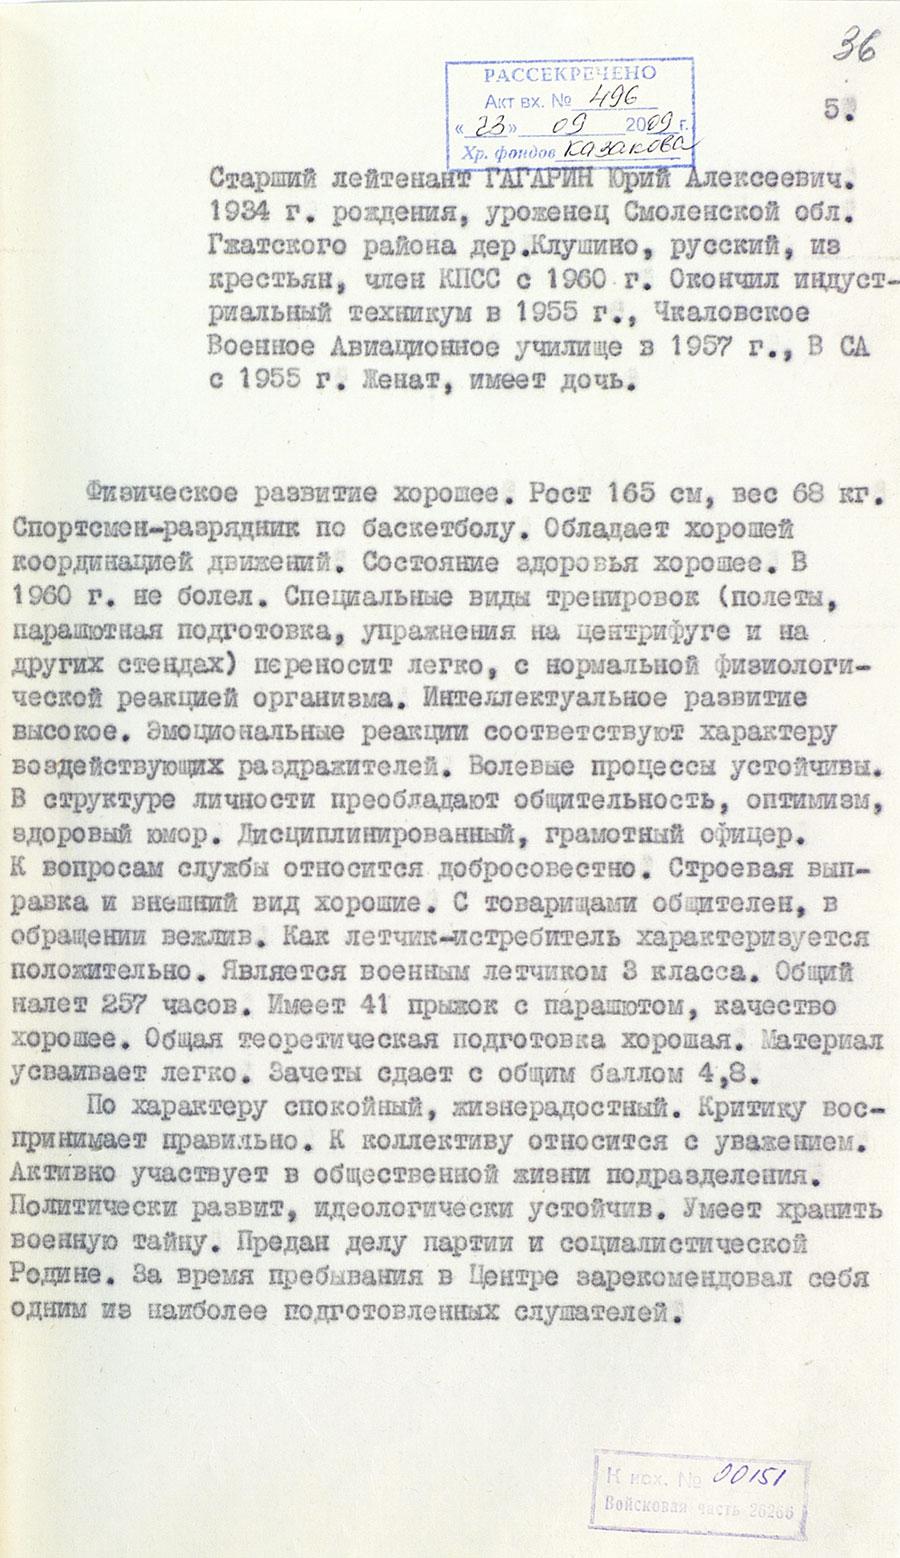 астронавты Гагарин документы история СССР космонавты космос полет Советский Союз СССР Юрий Гагарин